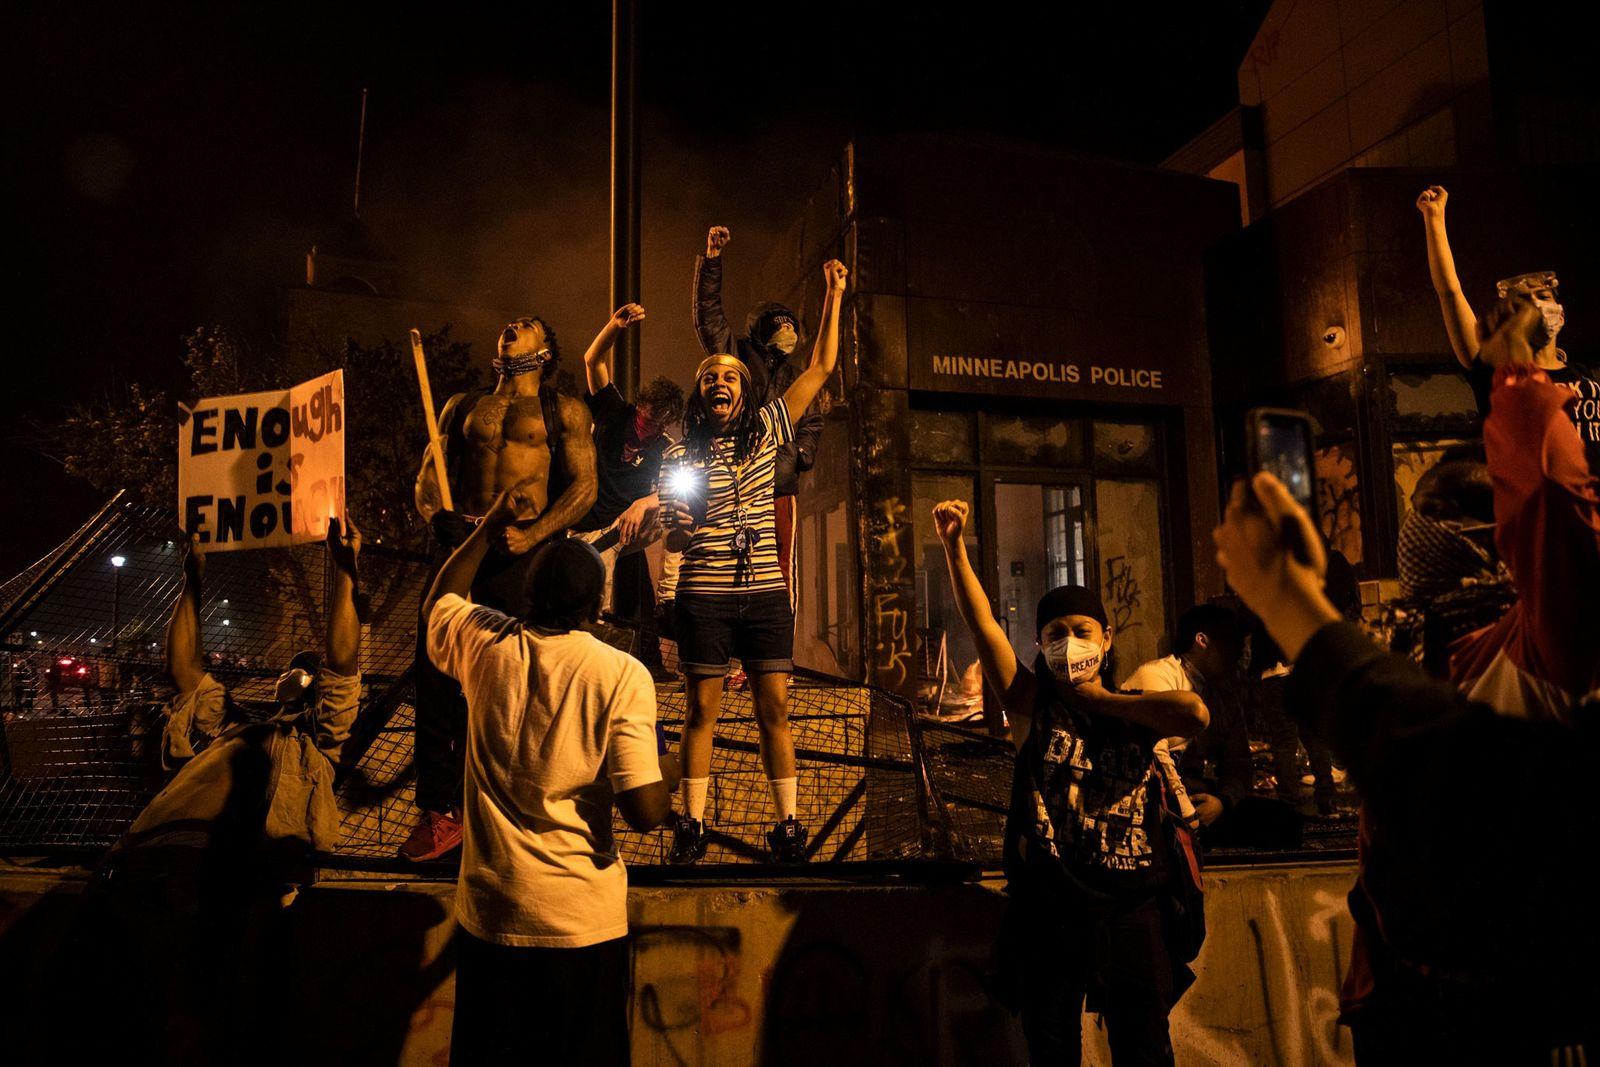 Am 29. Mai versammelten sich Demonstranten vor einem Polizeirevier in Minneapolis, um Gerechtigkeit für George Floyd ...